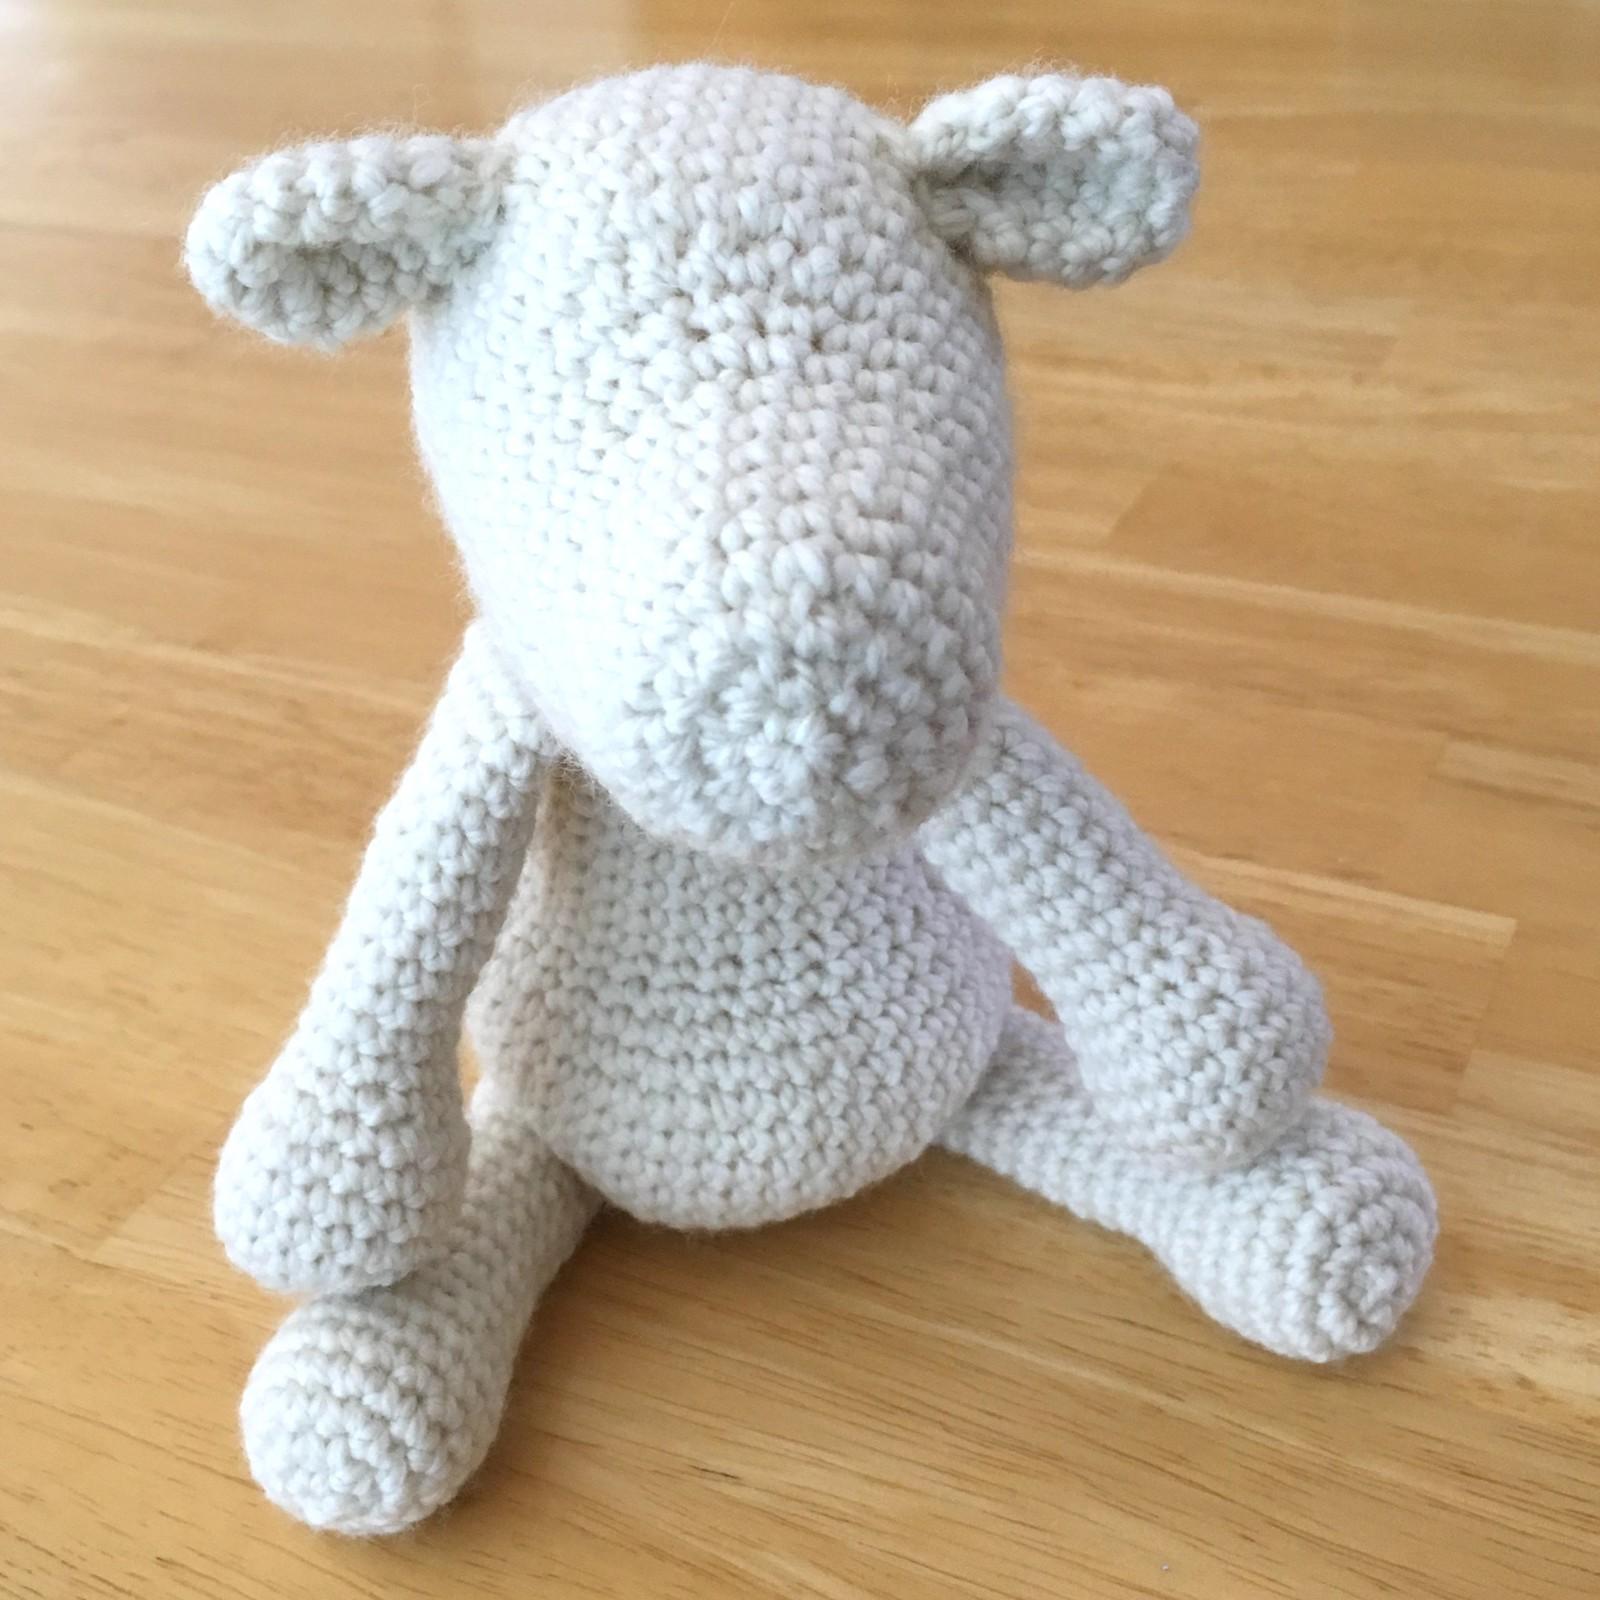 Simon the Sheep